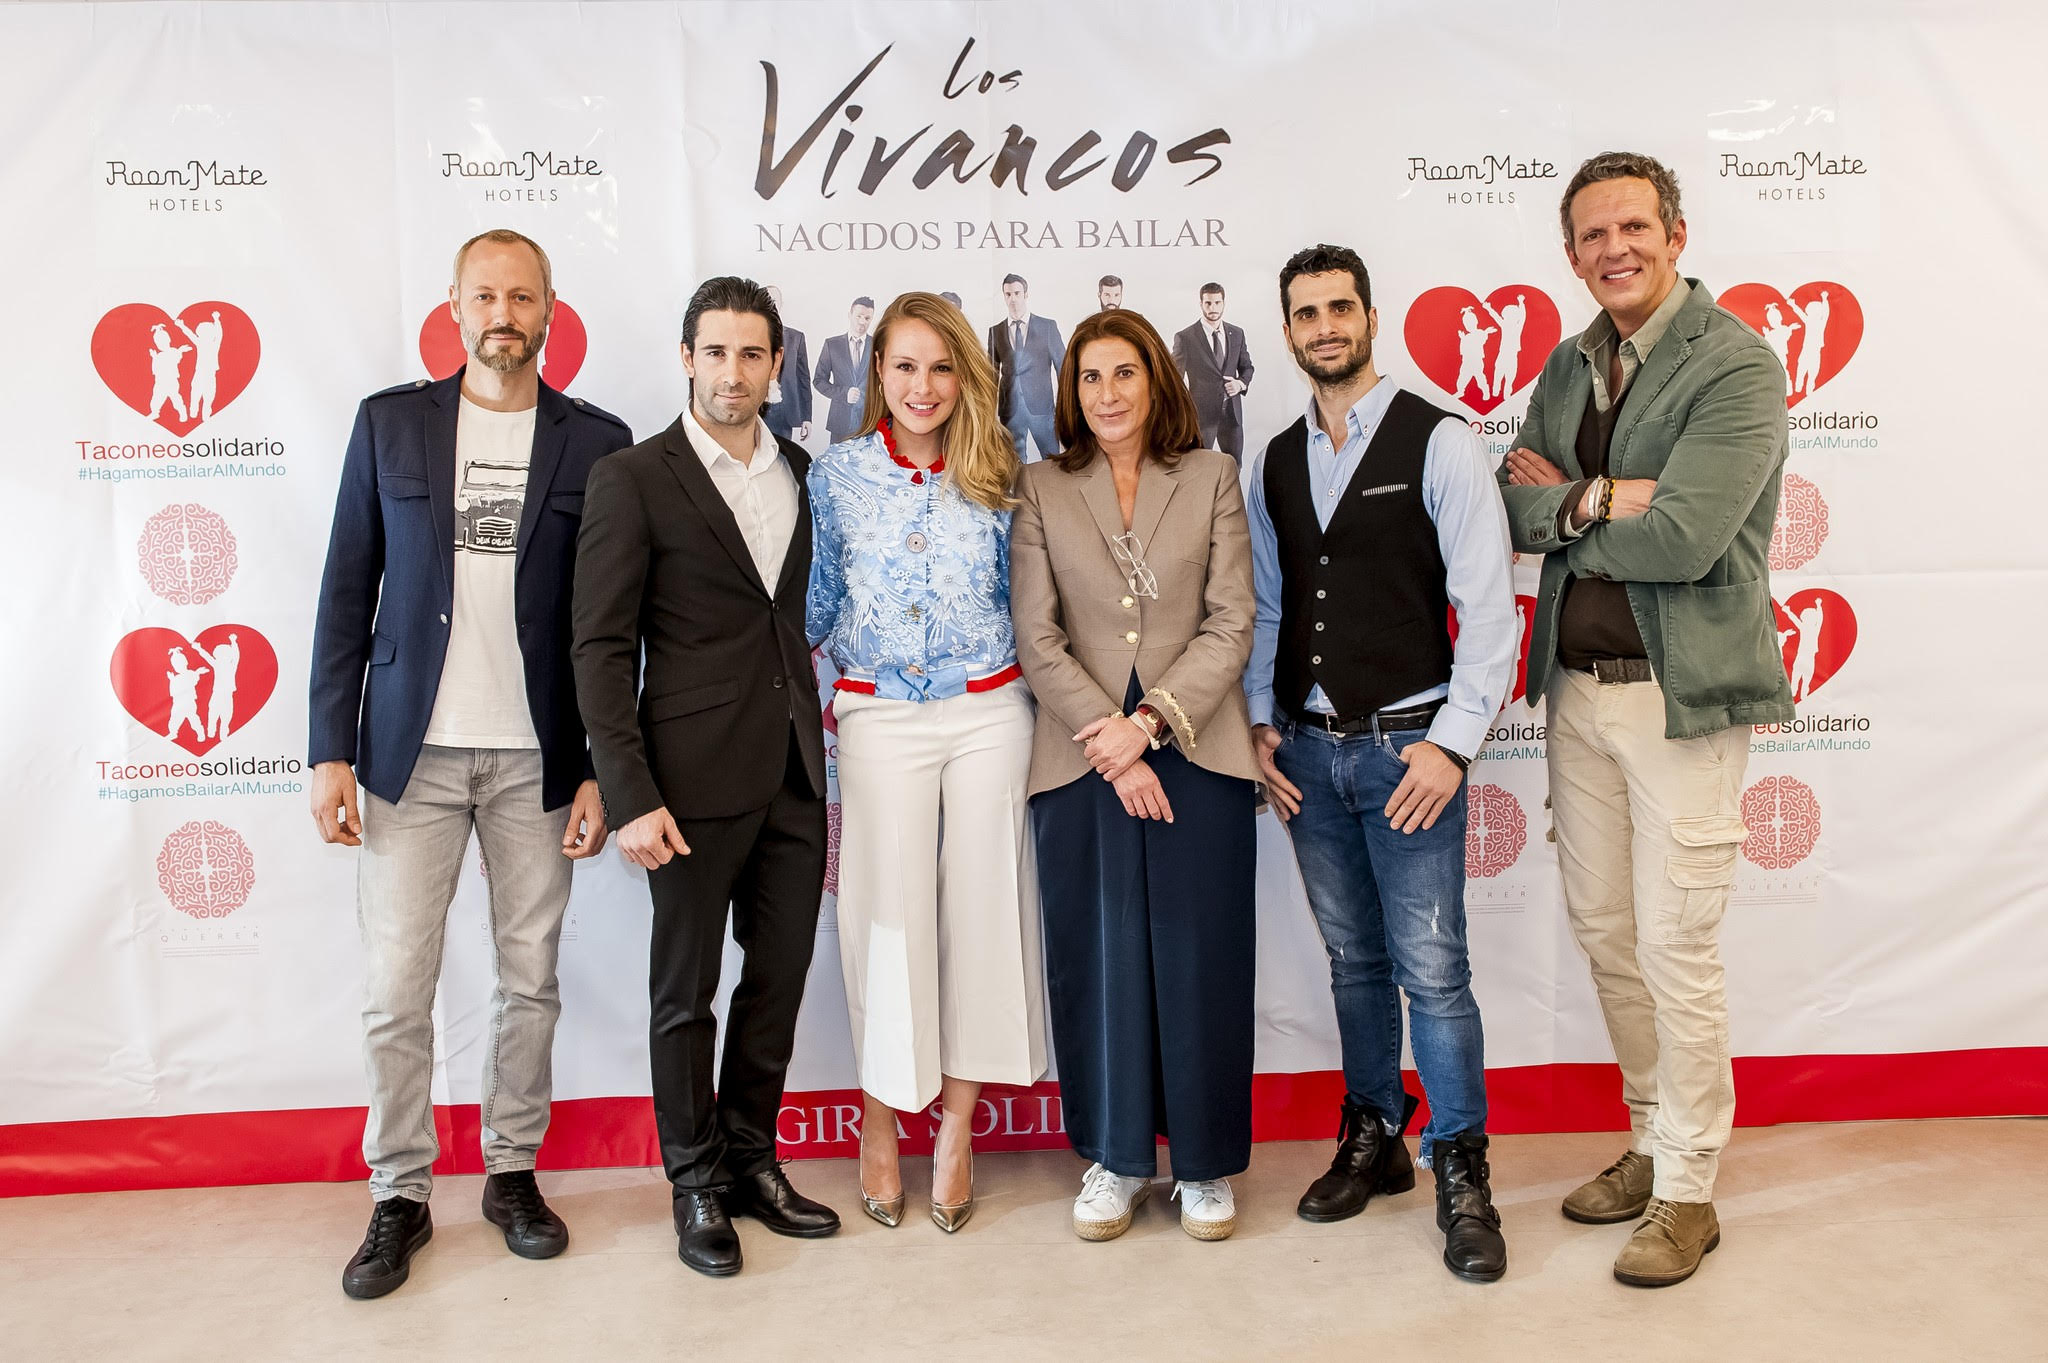 vivancos-presenta